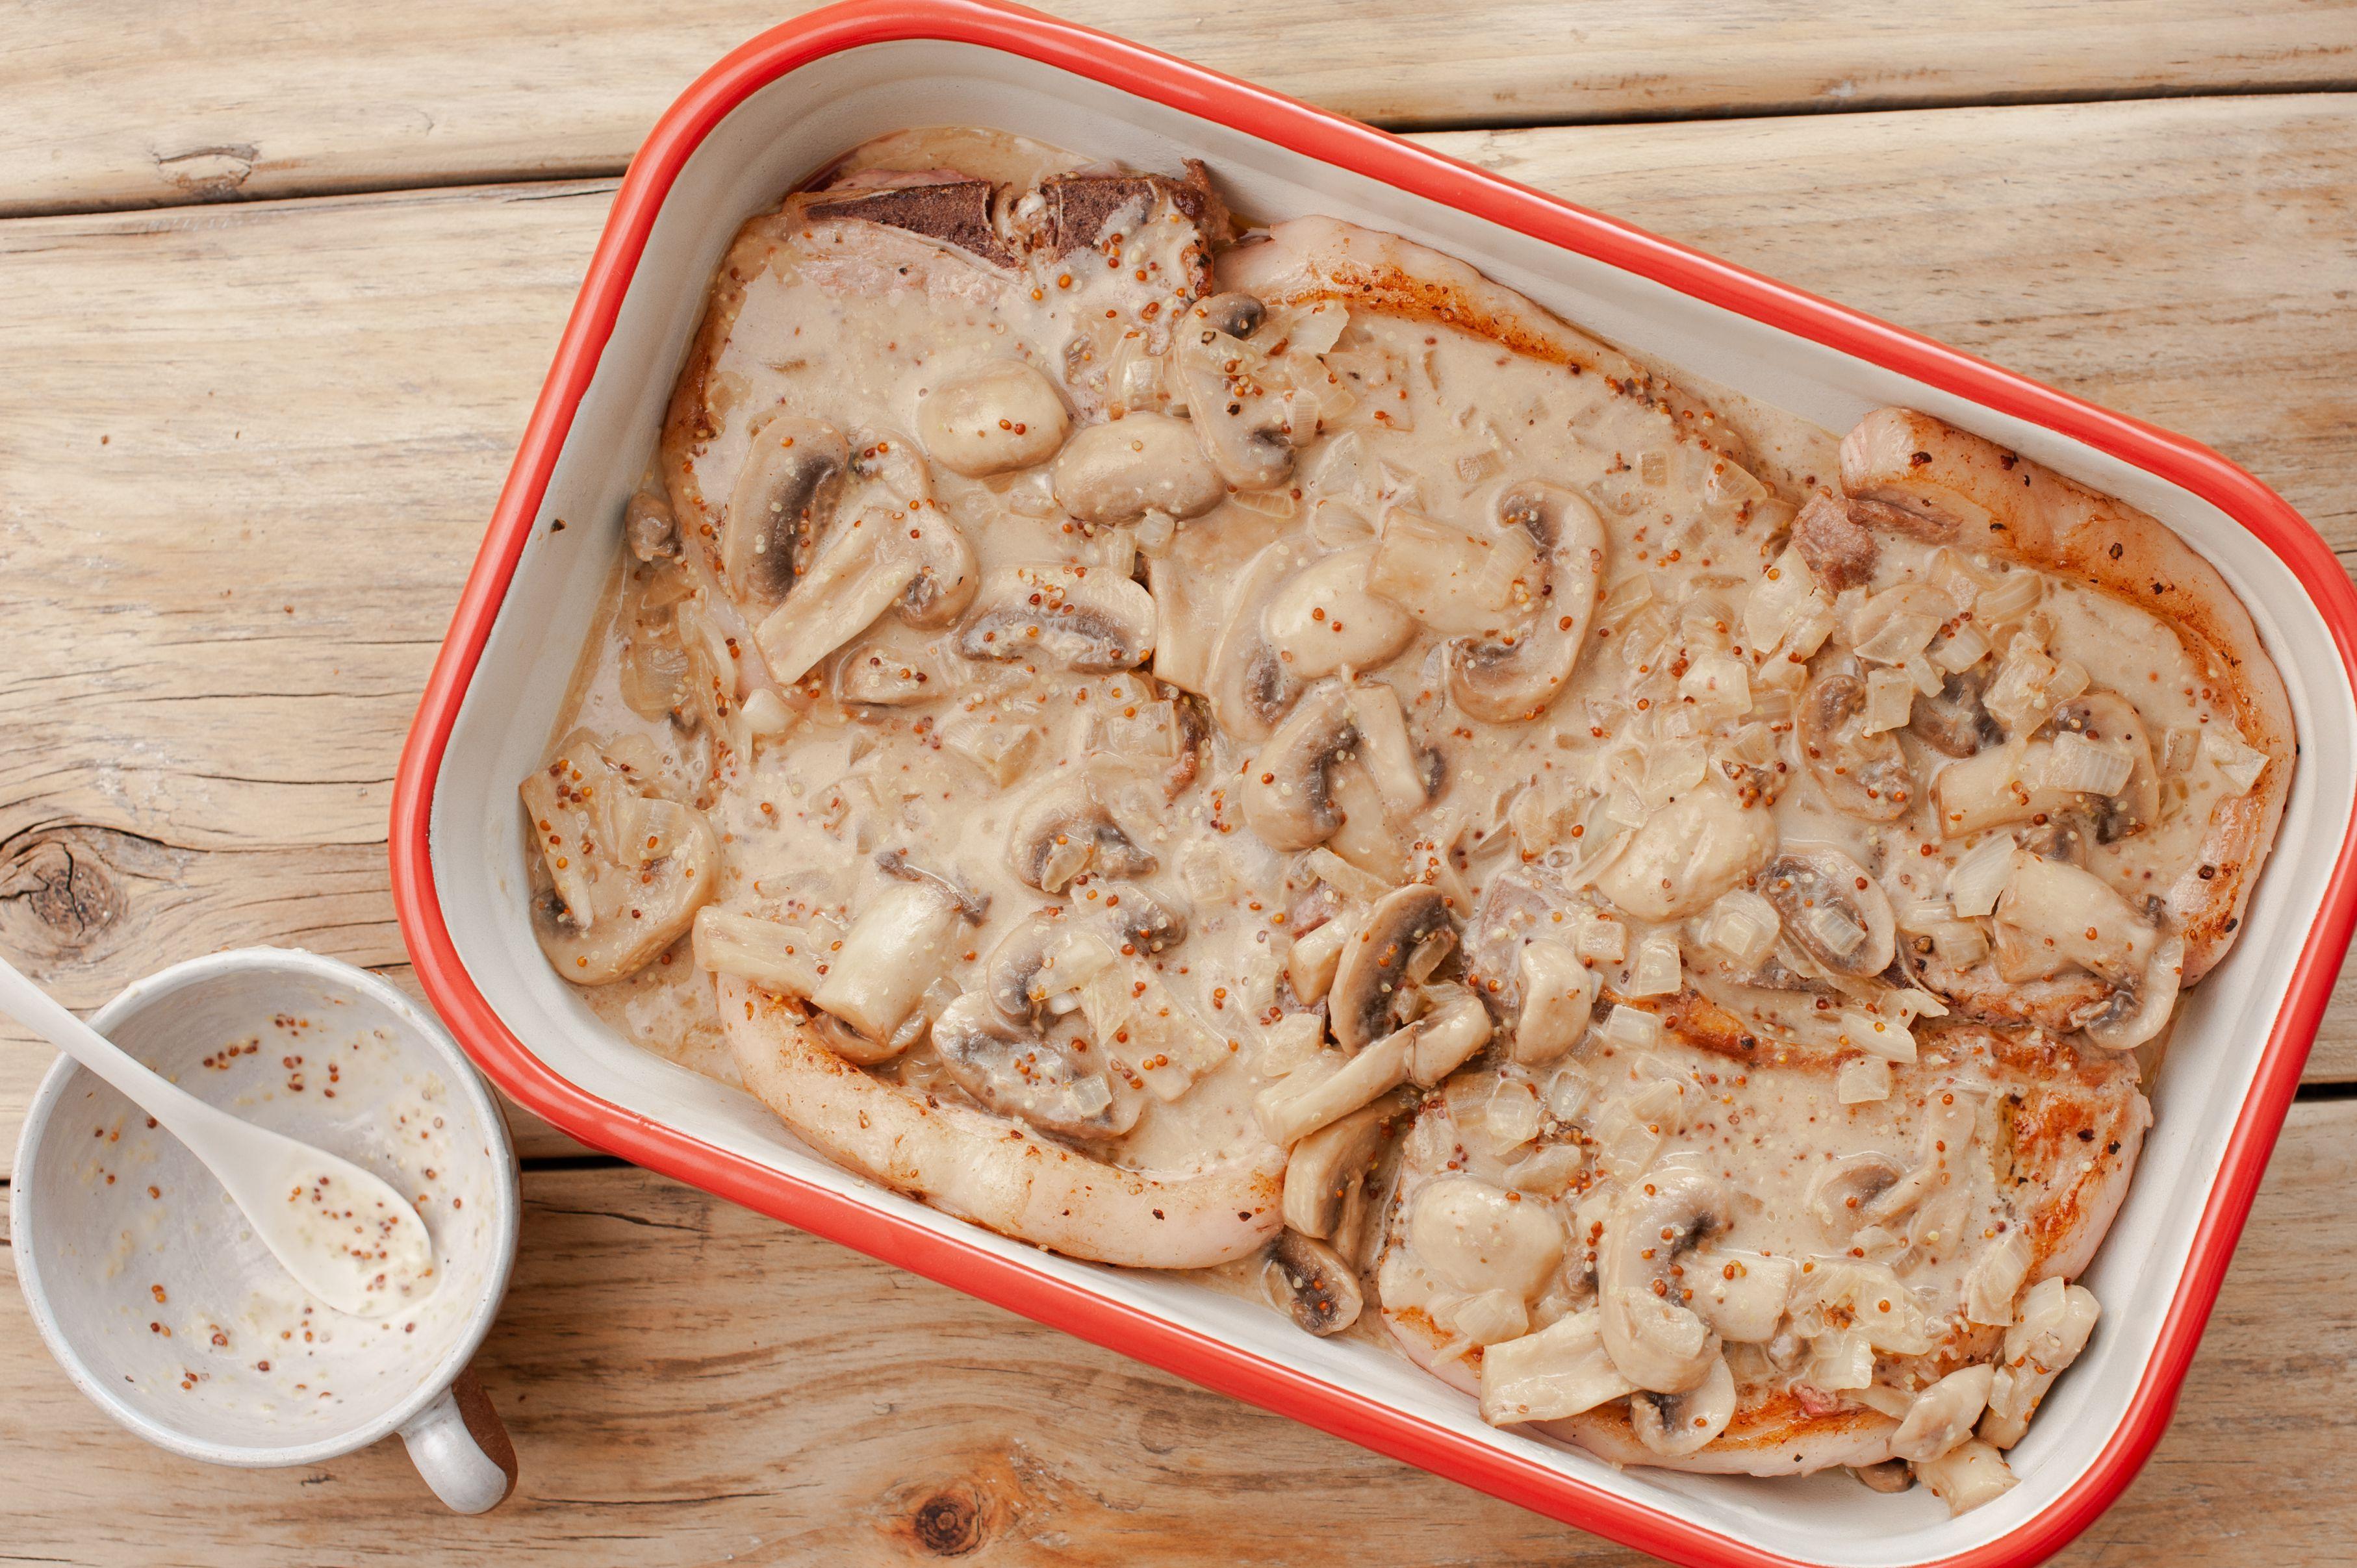 Pour over pork chops